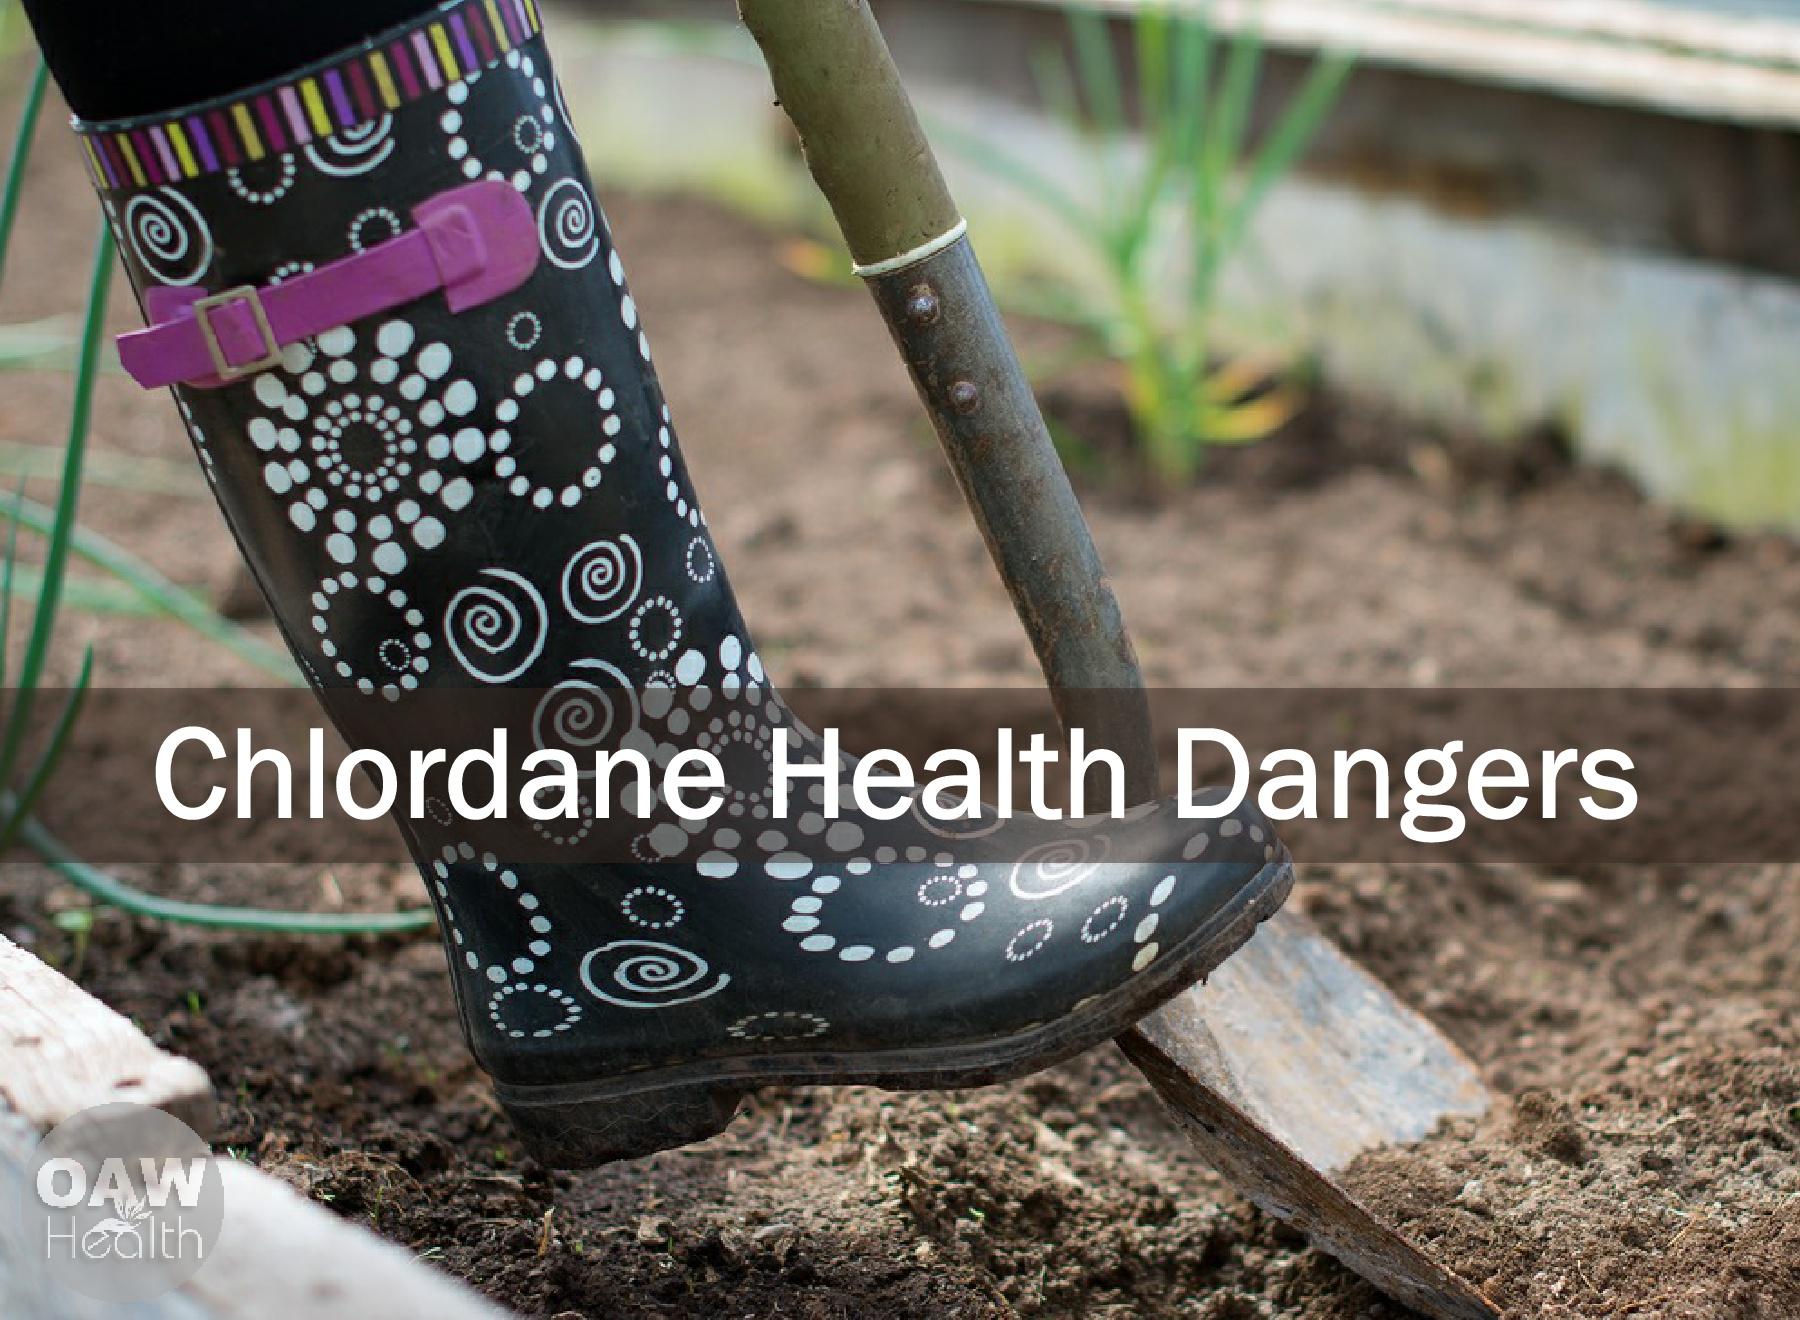 Chlordane Health Dangers Still Abound